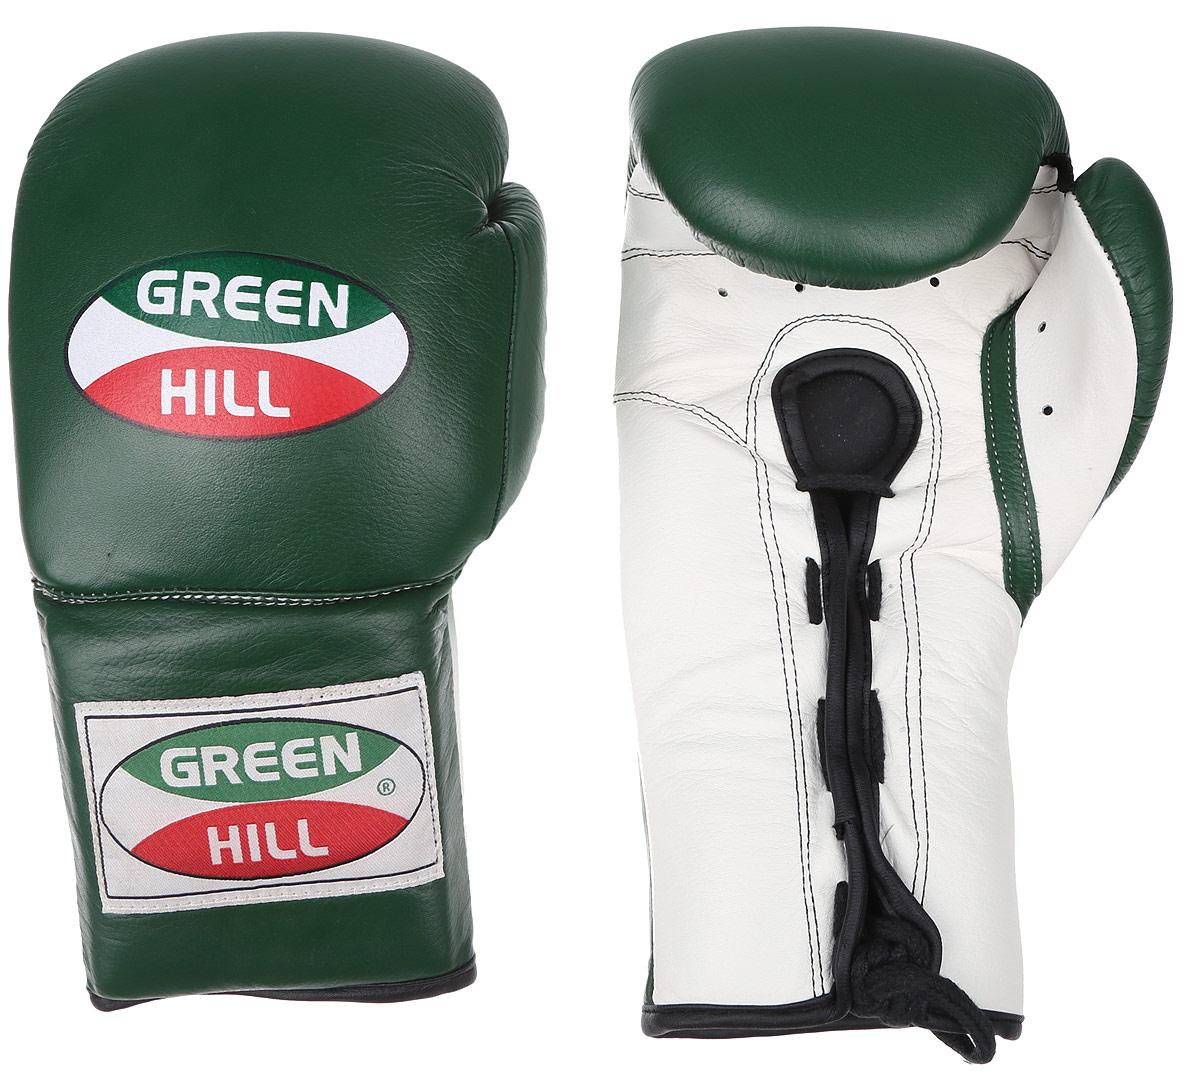 Перчатки боксерские Green Hill Proffi, цвет: зеленый, белый. Вес 14 унций. BGP-2014AIRWHEEL Q3-340WH-BLACKБоксерские перчатки Green Hill Proffi предназначены для использования профессионалами. Верх выполнен из натуральной кожи, наполнитель - из вспененного полимера. Отверстие в области ладони позволяет создать максимально комфортный терморежим во время занятий. Манжет на шнуровке способствует быстрому и удобному надеванию перчаток, плотно фиксирует перчатки на руке.